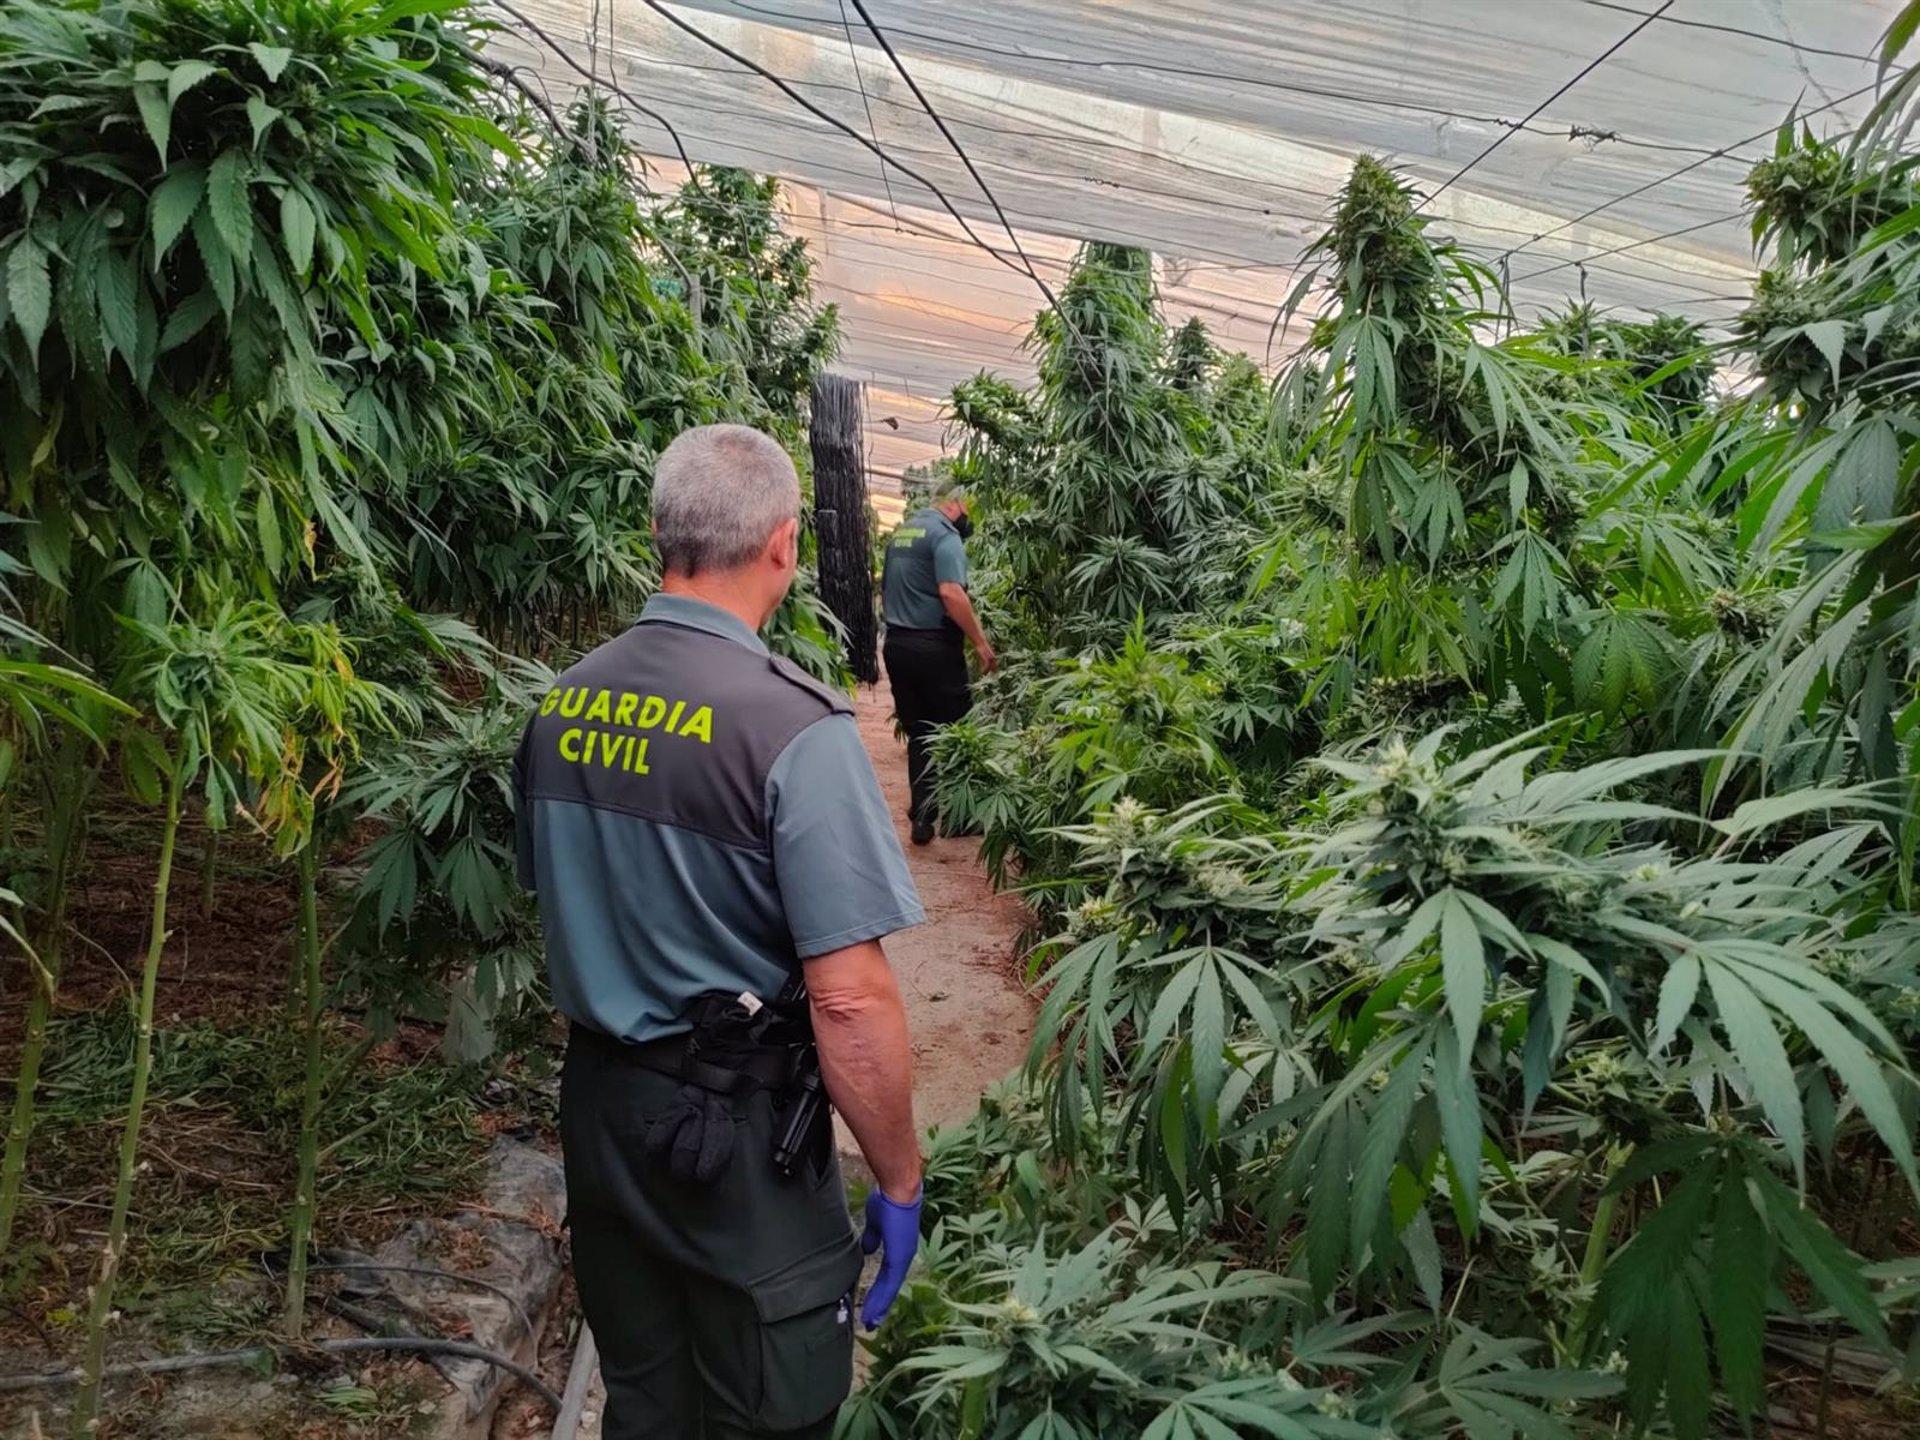 Incautadas 9.700 plantas de cannabis sativa en un invernadero de Sorvilán